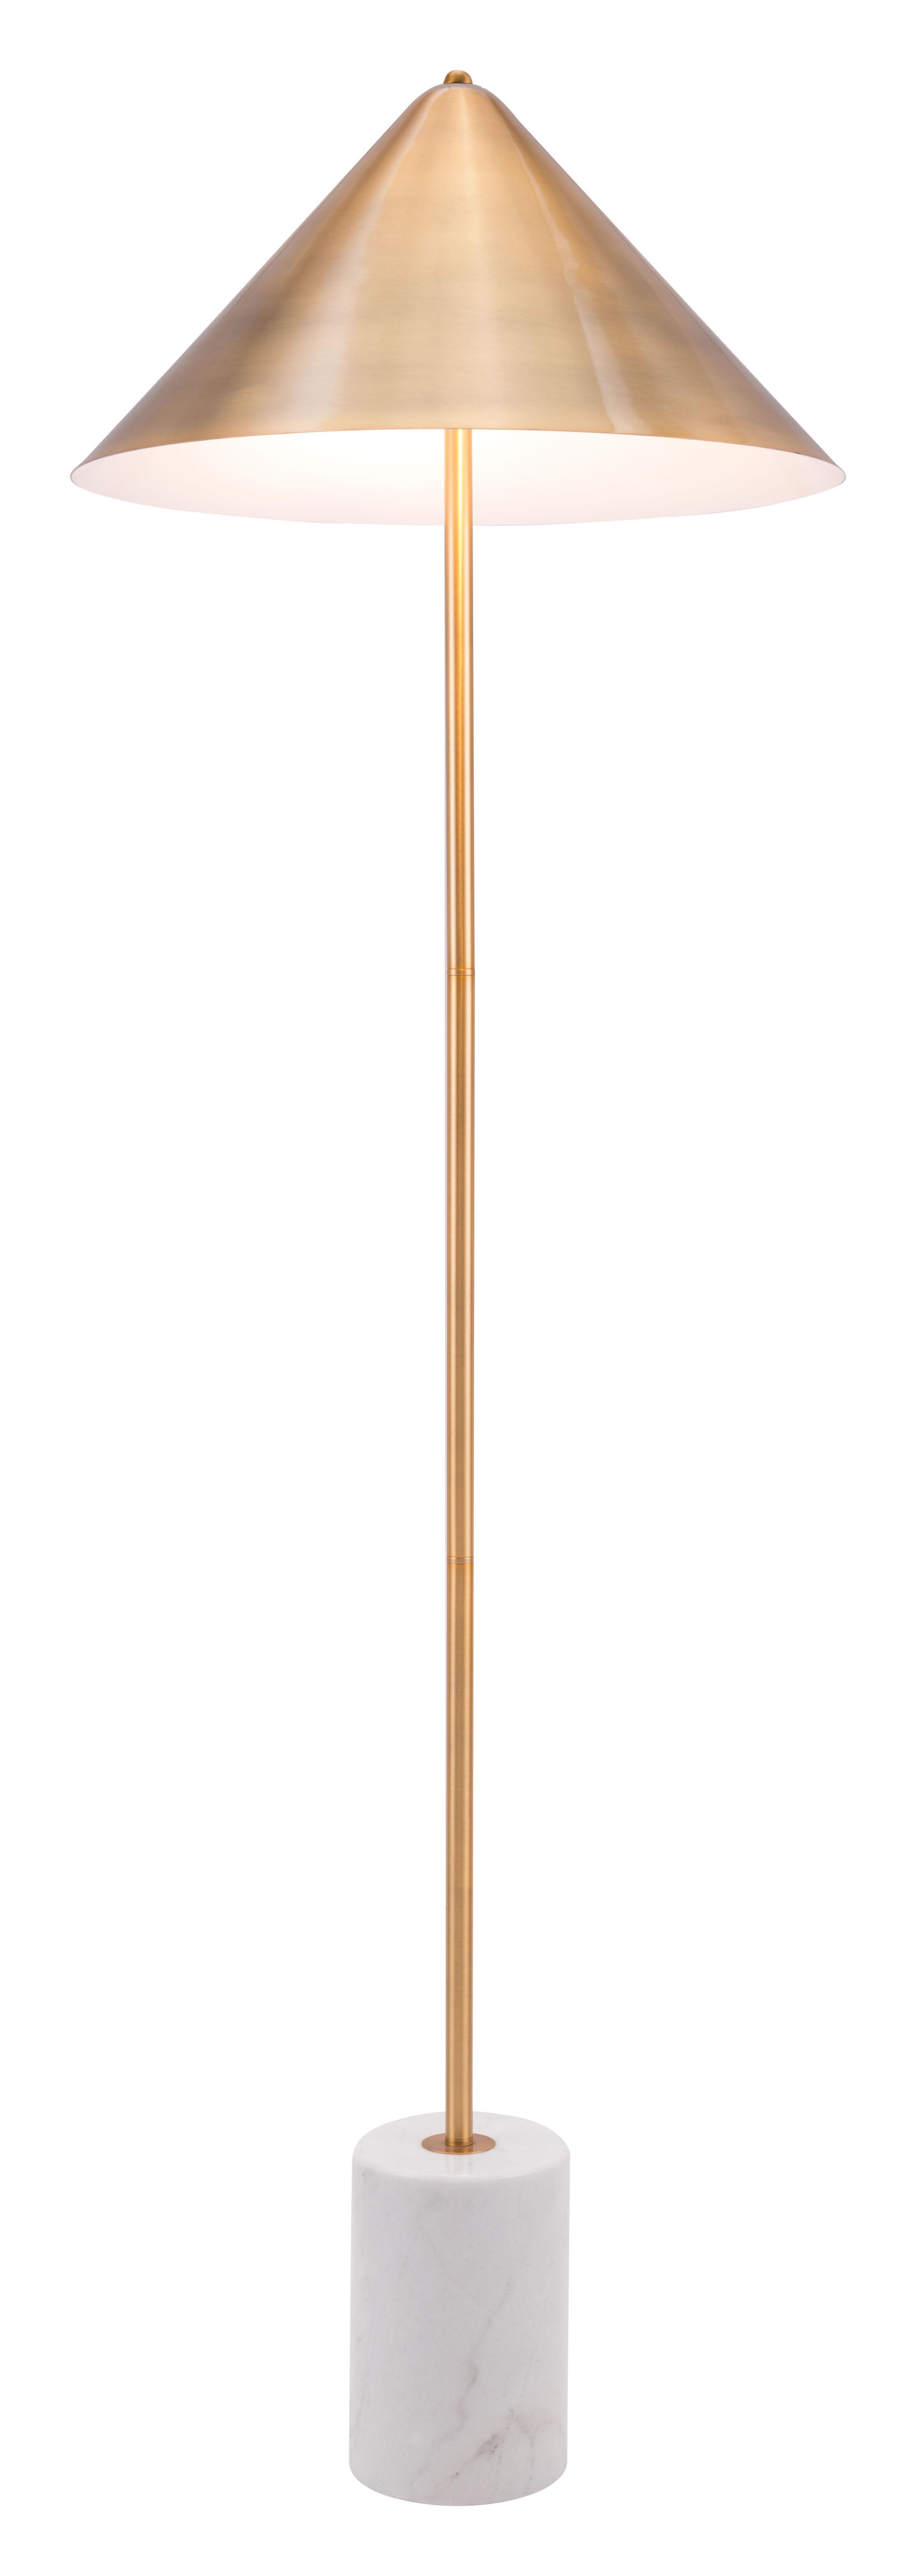 Lonnell Floor Lamp